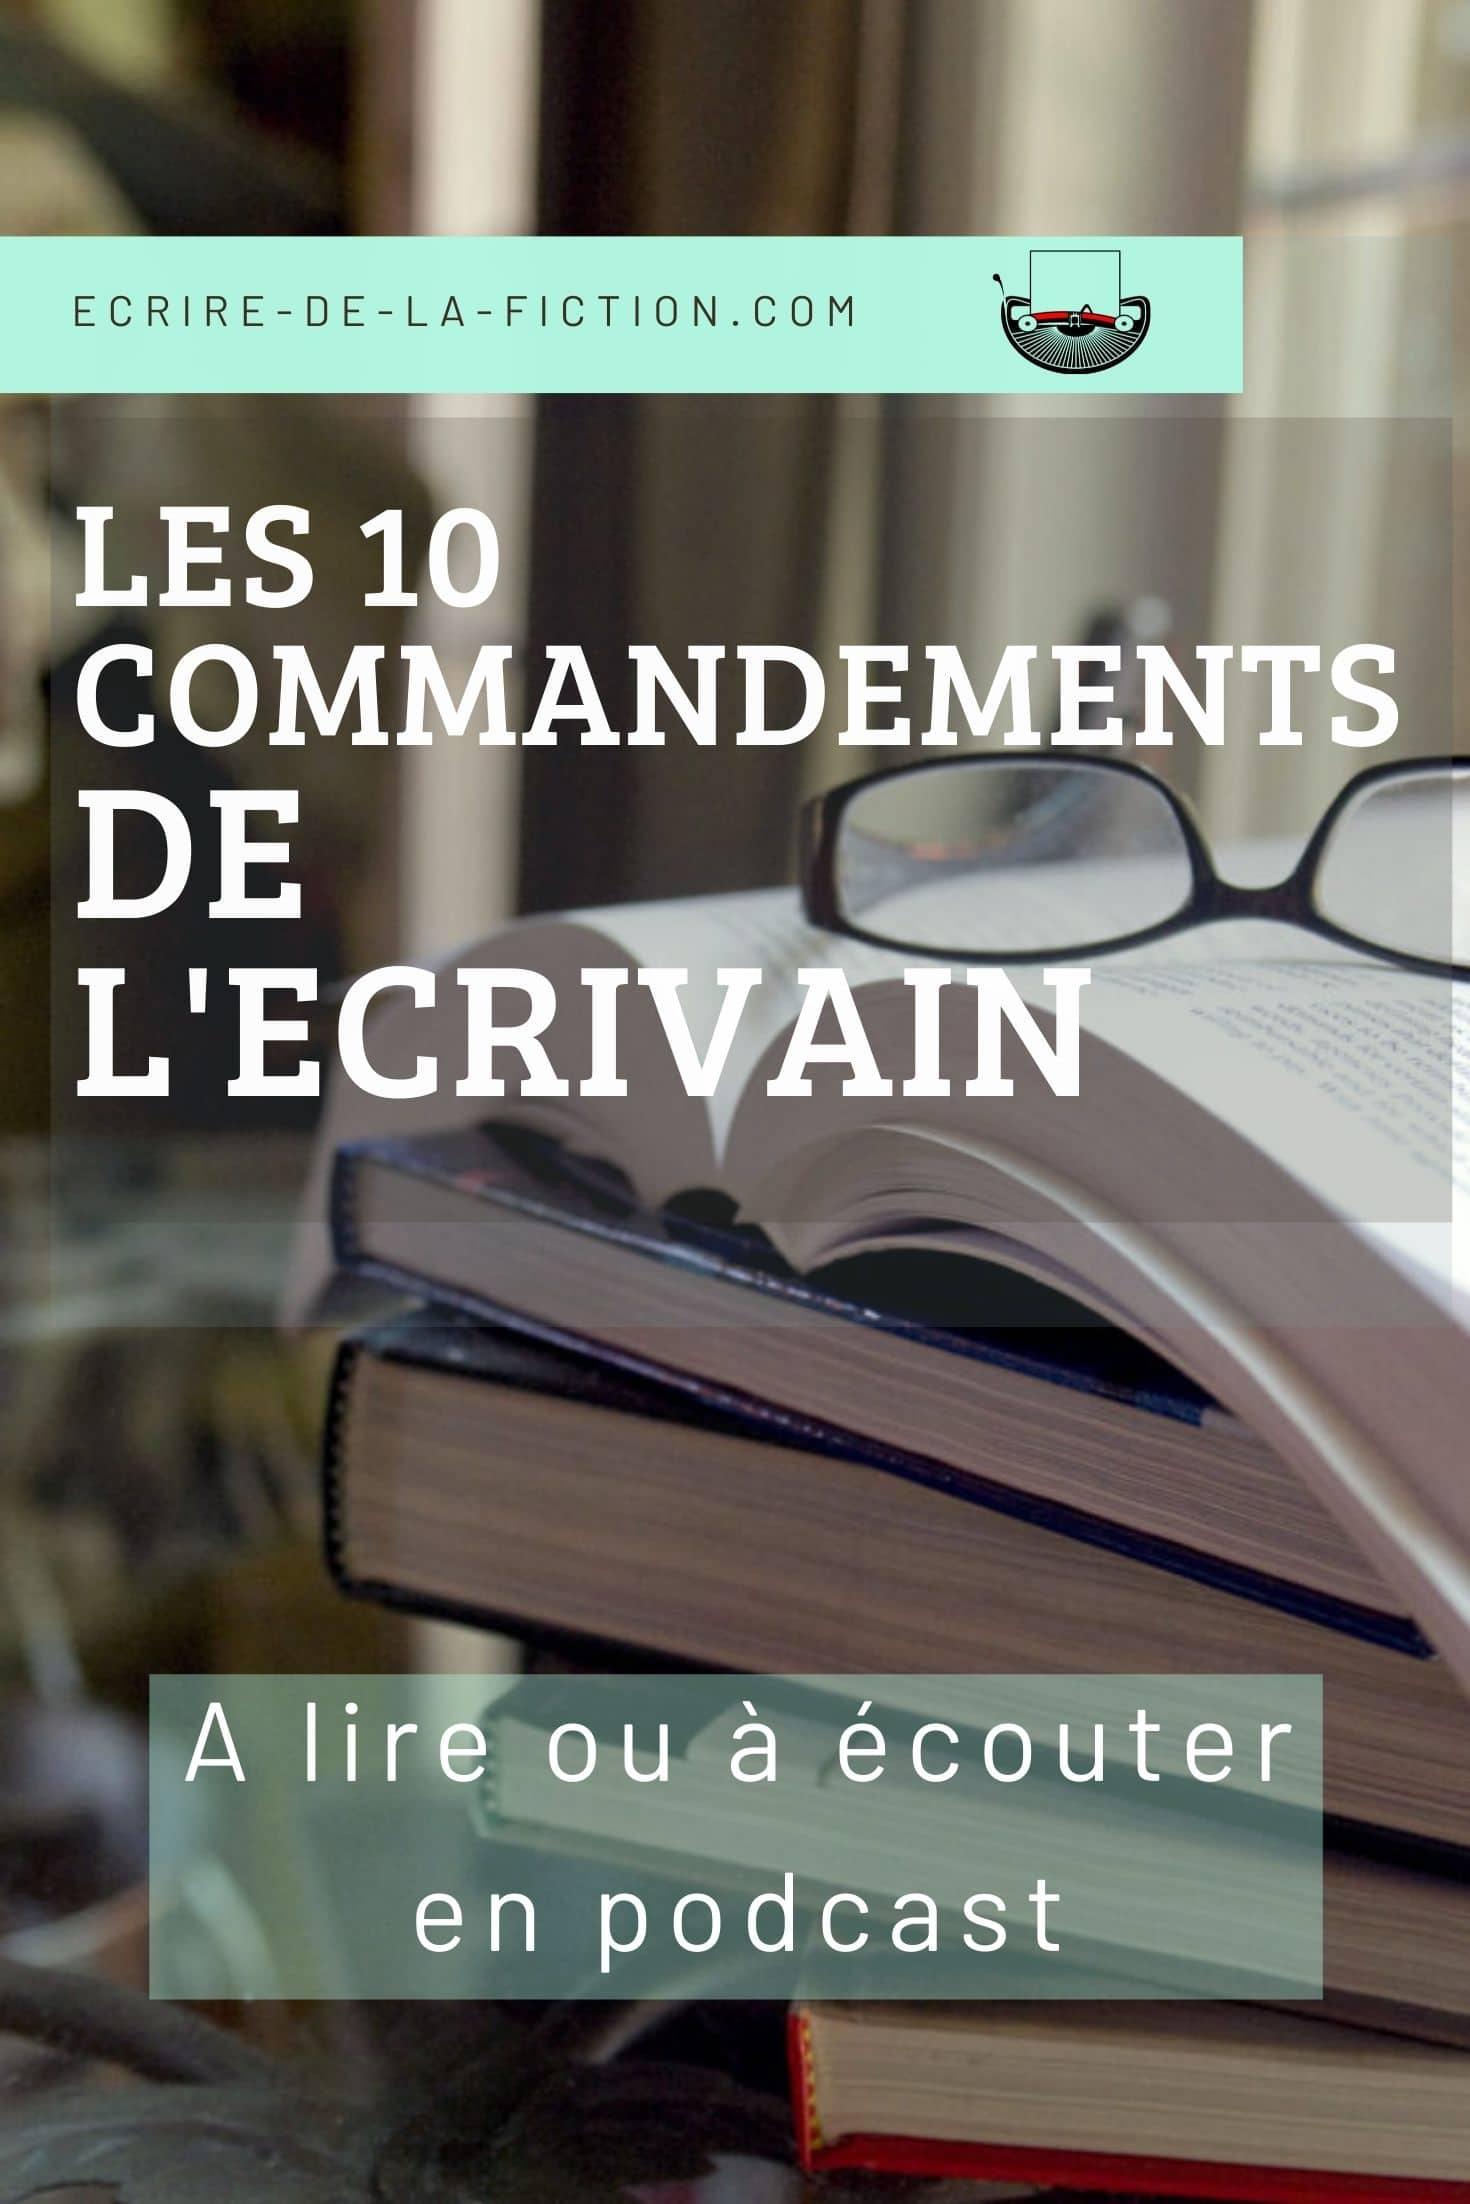 les 10 commandements de l ecrivain a lire ou a ecouter en podcast